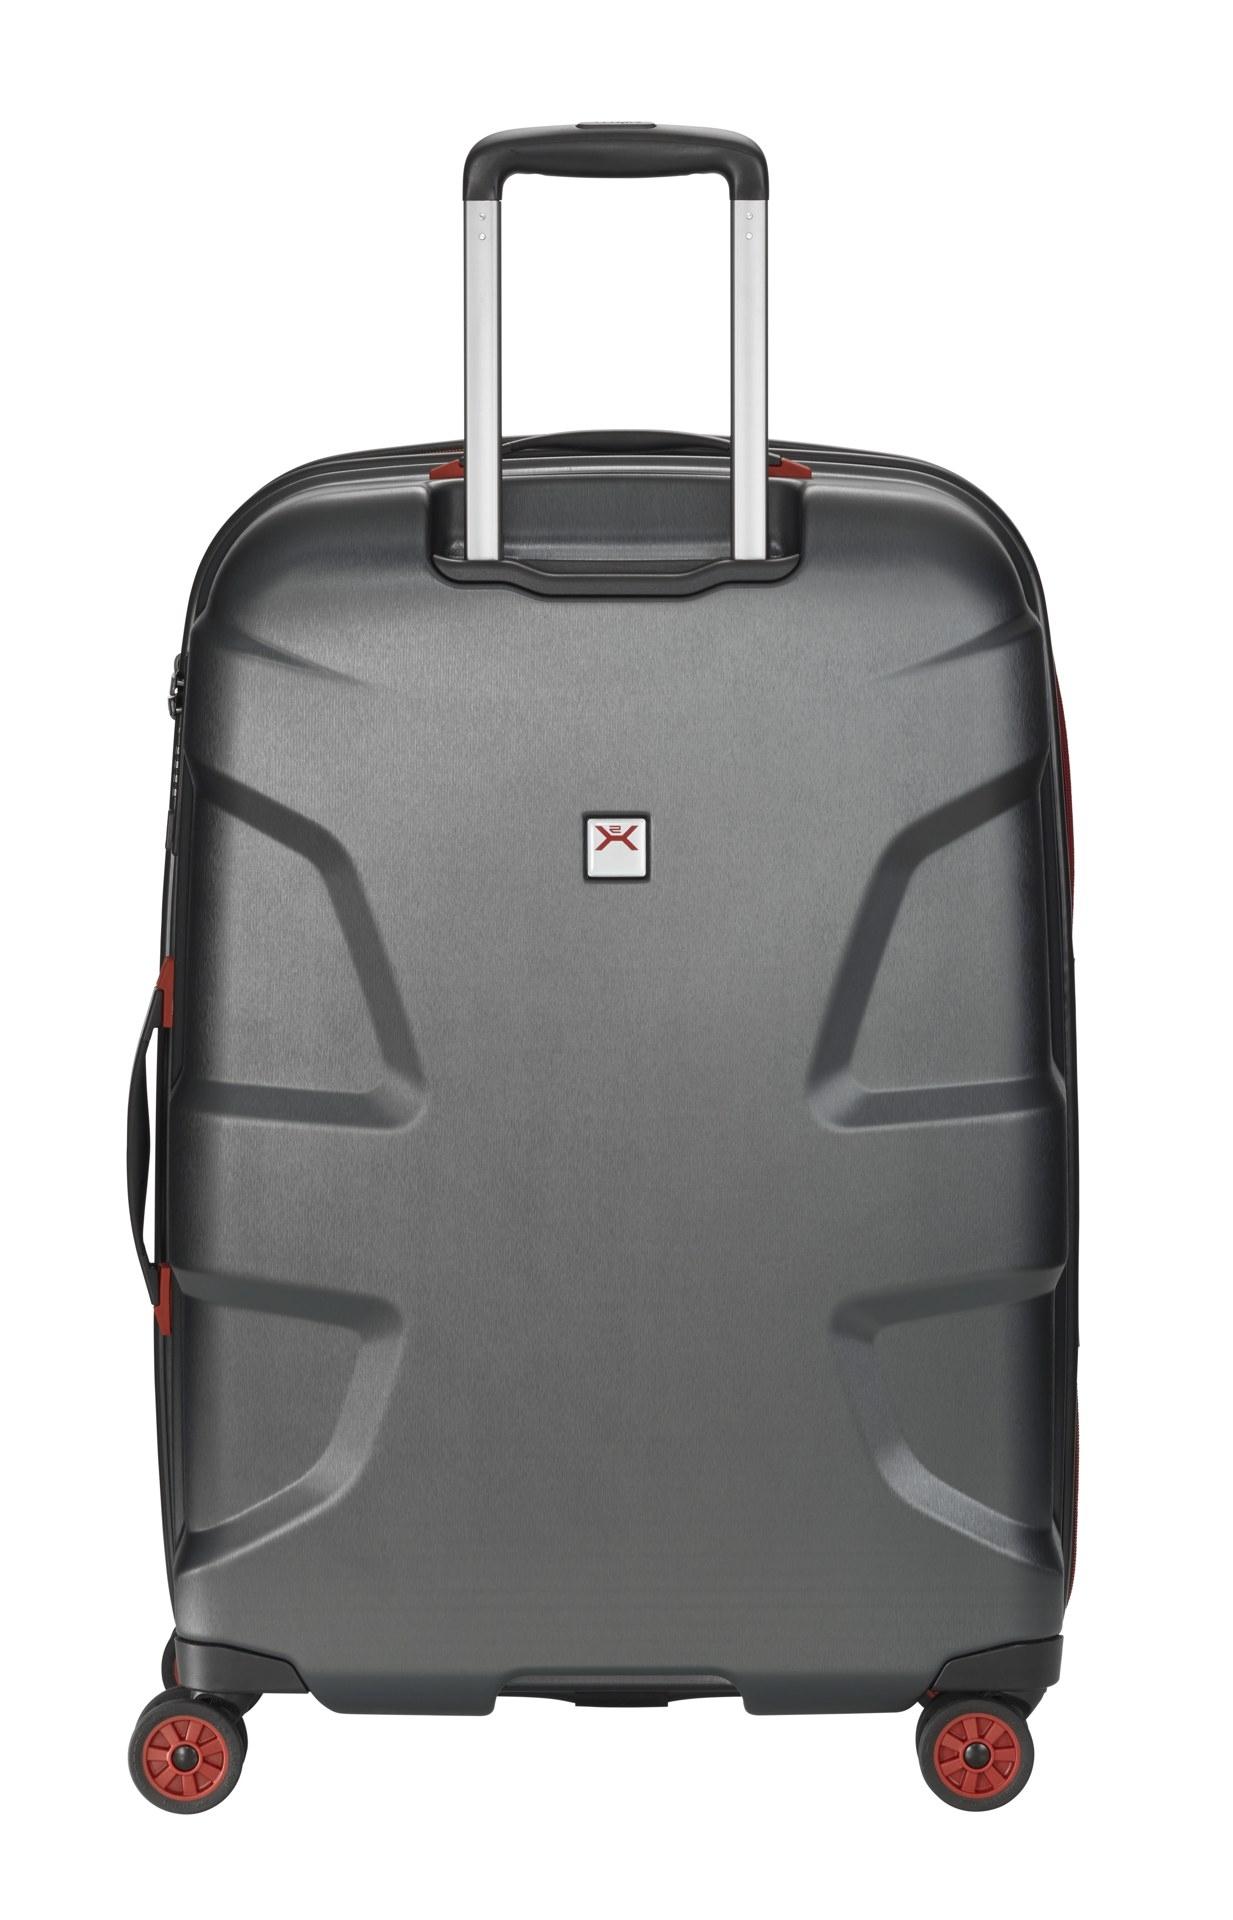 Titan X2 4w M+ Black brushed Vydajte sa podľahnúť krásam svetových metropol s kultovým kufrom Titan X2!  - štyri extra veľké, tiché a odolné Hinomoto dvojkolieska otočné o 360° - exkluzívne navrhnutý integrovaný štvormiestny TSA zámok - odľahčená hliníková rukoväť s aretáciou - pevné a ploché madlá pre ľahšie uchopenie - obojstranný baliaci systém s popruhmi v oboch častiach - integrovaná deliaca priečka na zips - dve vnútorné vrecká na zips - výrazné logo Titan na prednom paneli - škrupina z pružného polykarbonátu sa pri tlaku prehne - predĺžená záruka 3 roky